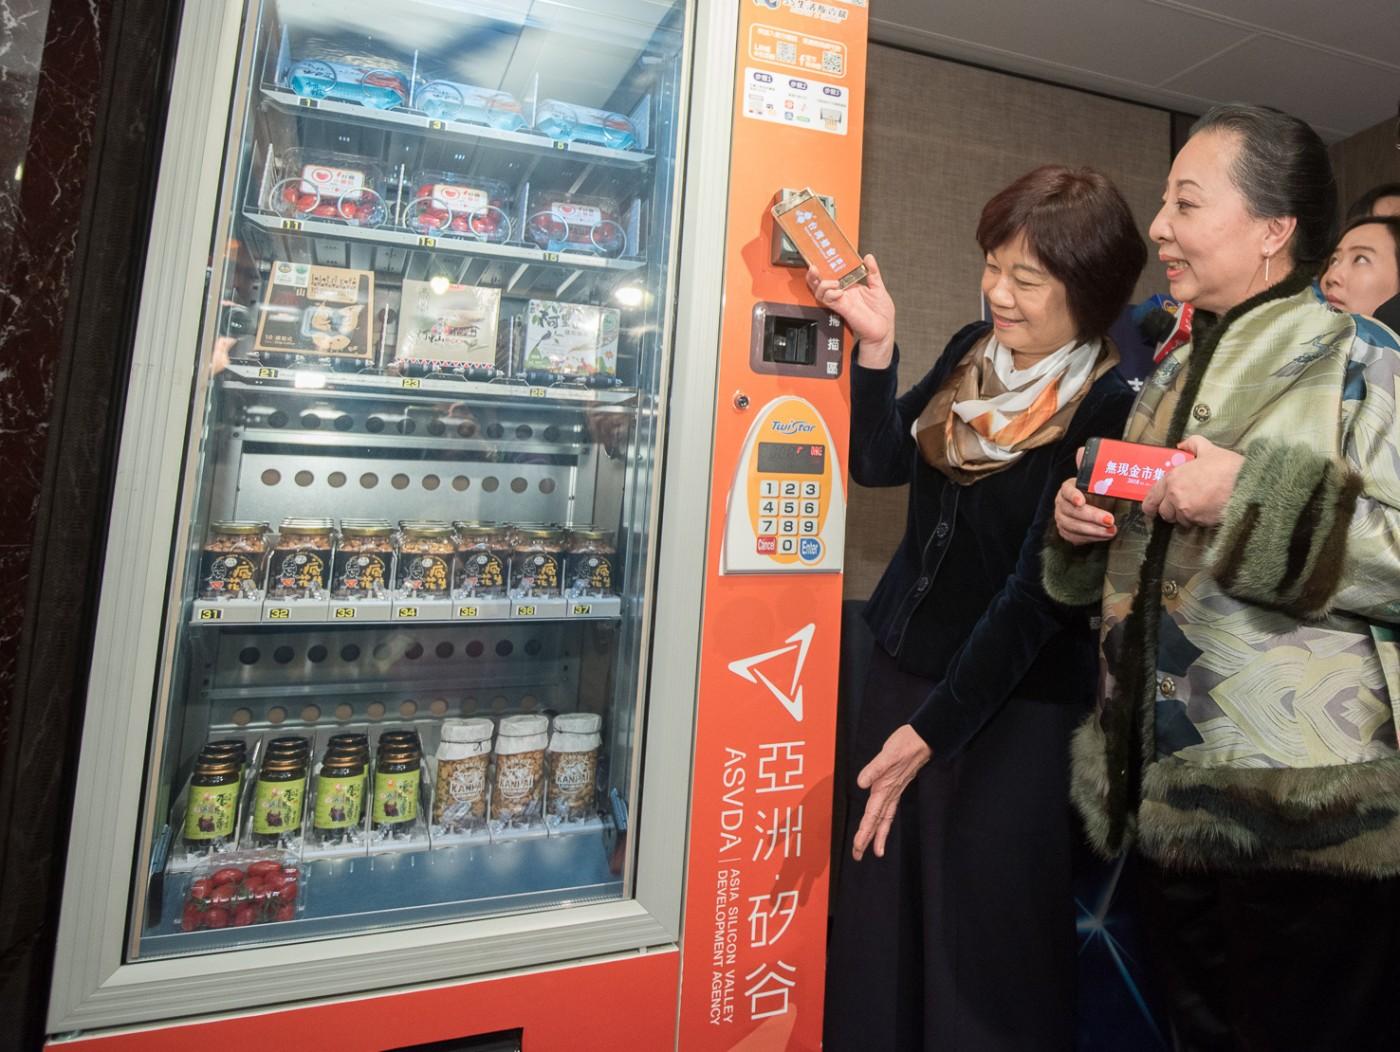 台灣燈會結合行動支付,首創無現金市集,三大pay、電子錢包、信用卡都通